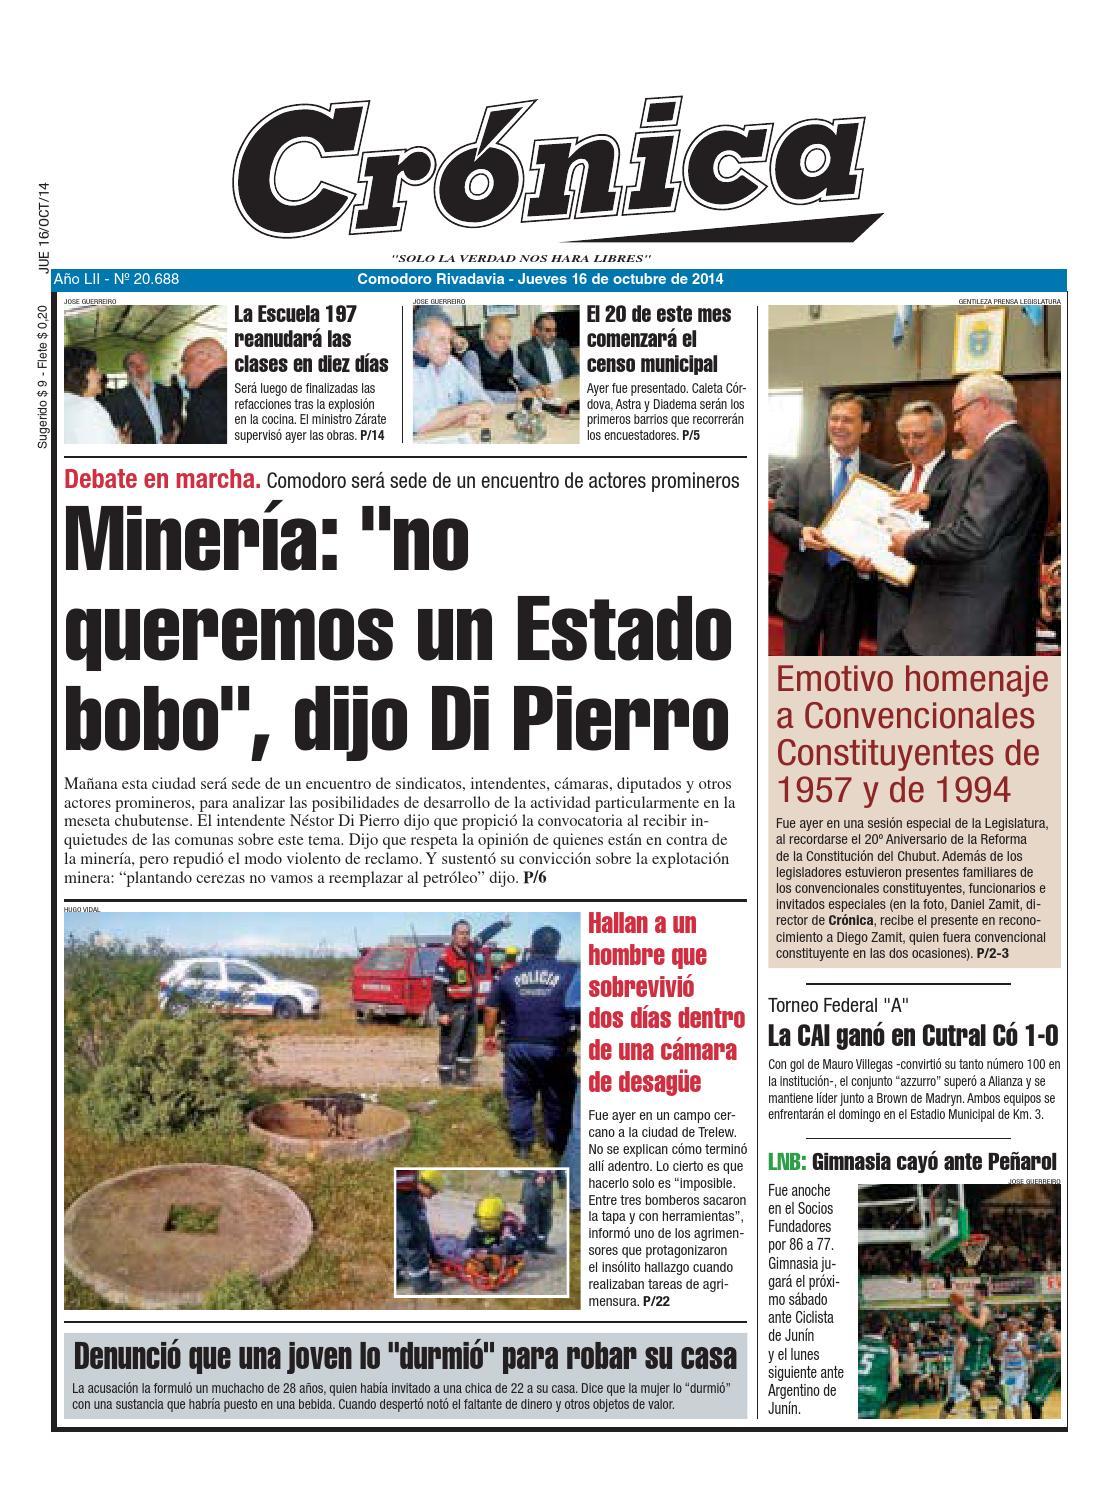 4cd269467215e6ad8e16ec1ad8fc9006 by Diario Crónica - issuu